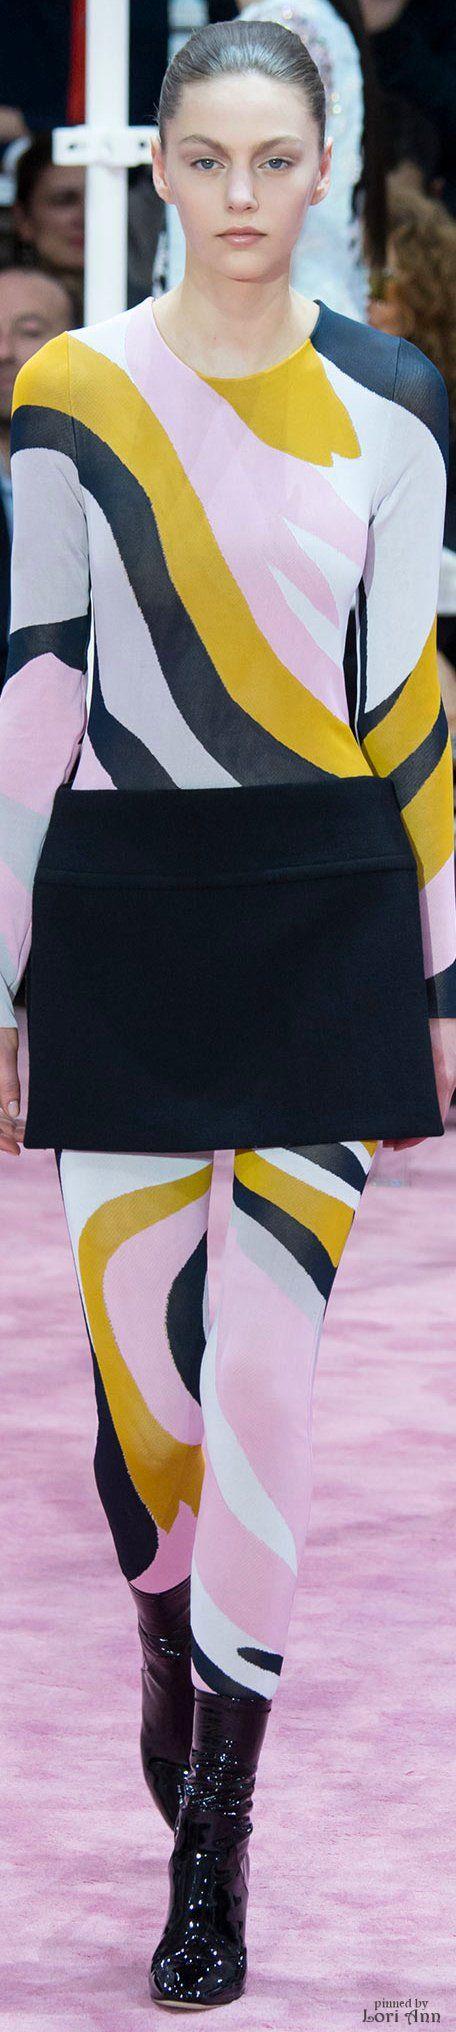 Farb-und Stilberatung mit www.farben-reich.com - Christian Dior Couture Spring 2015